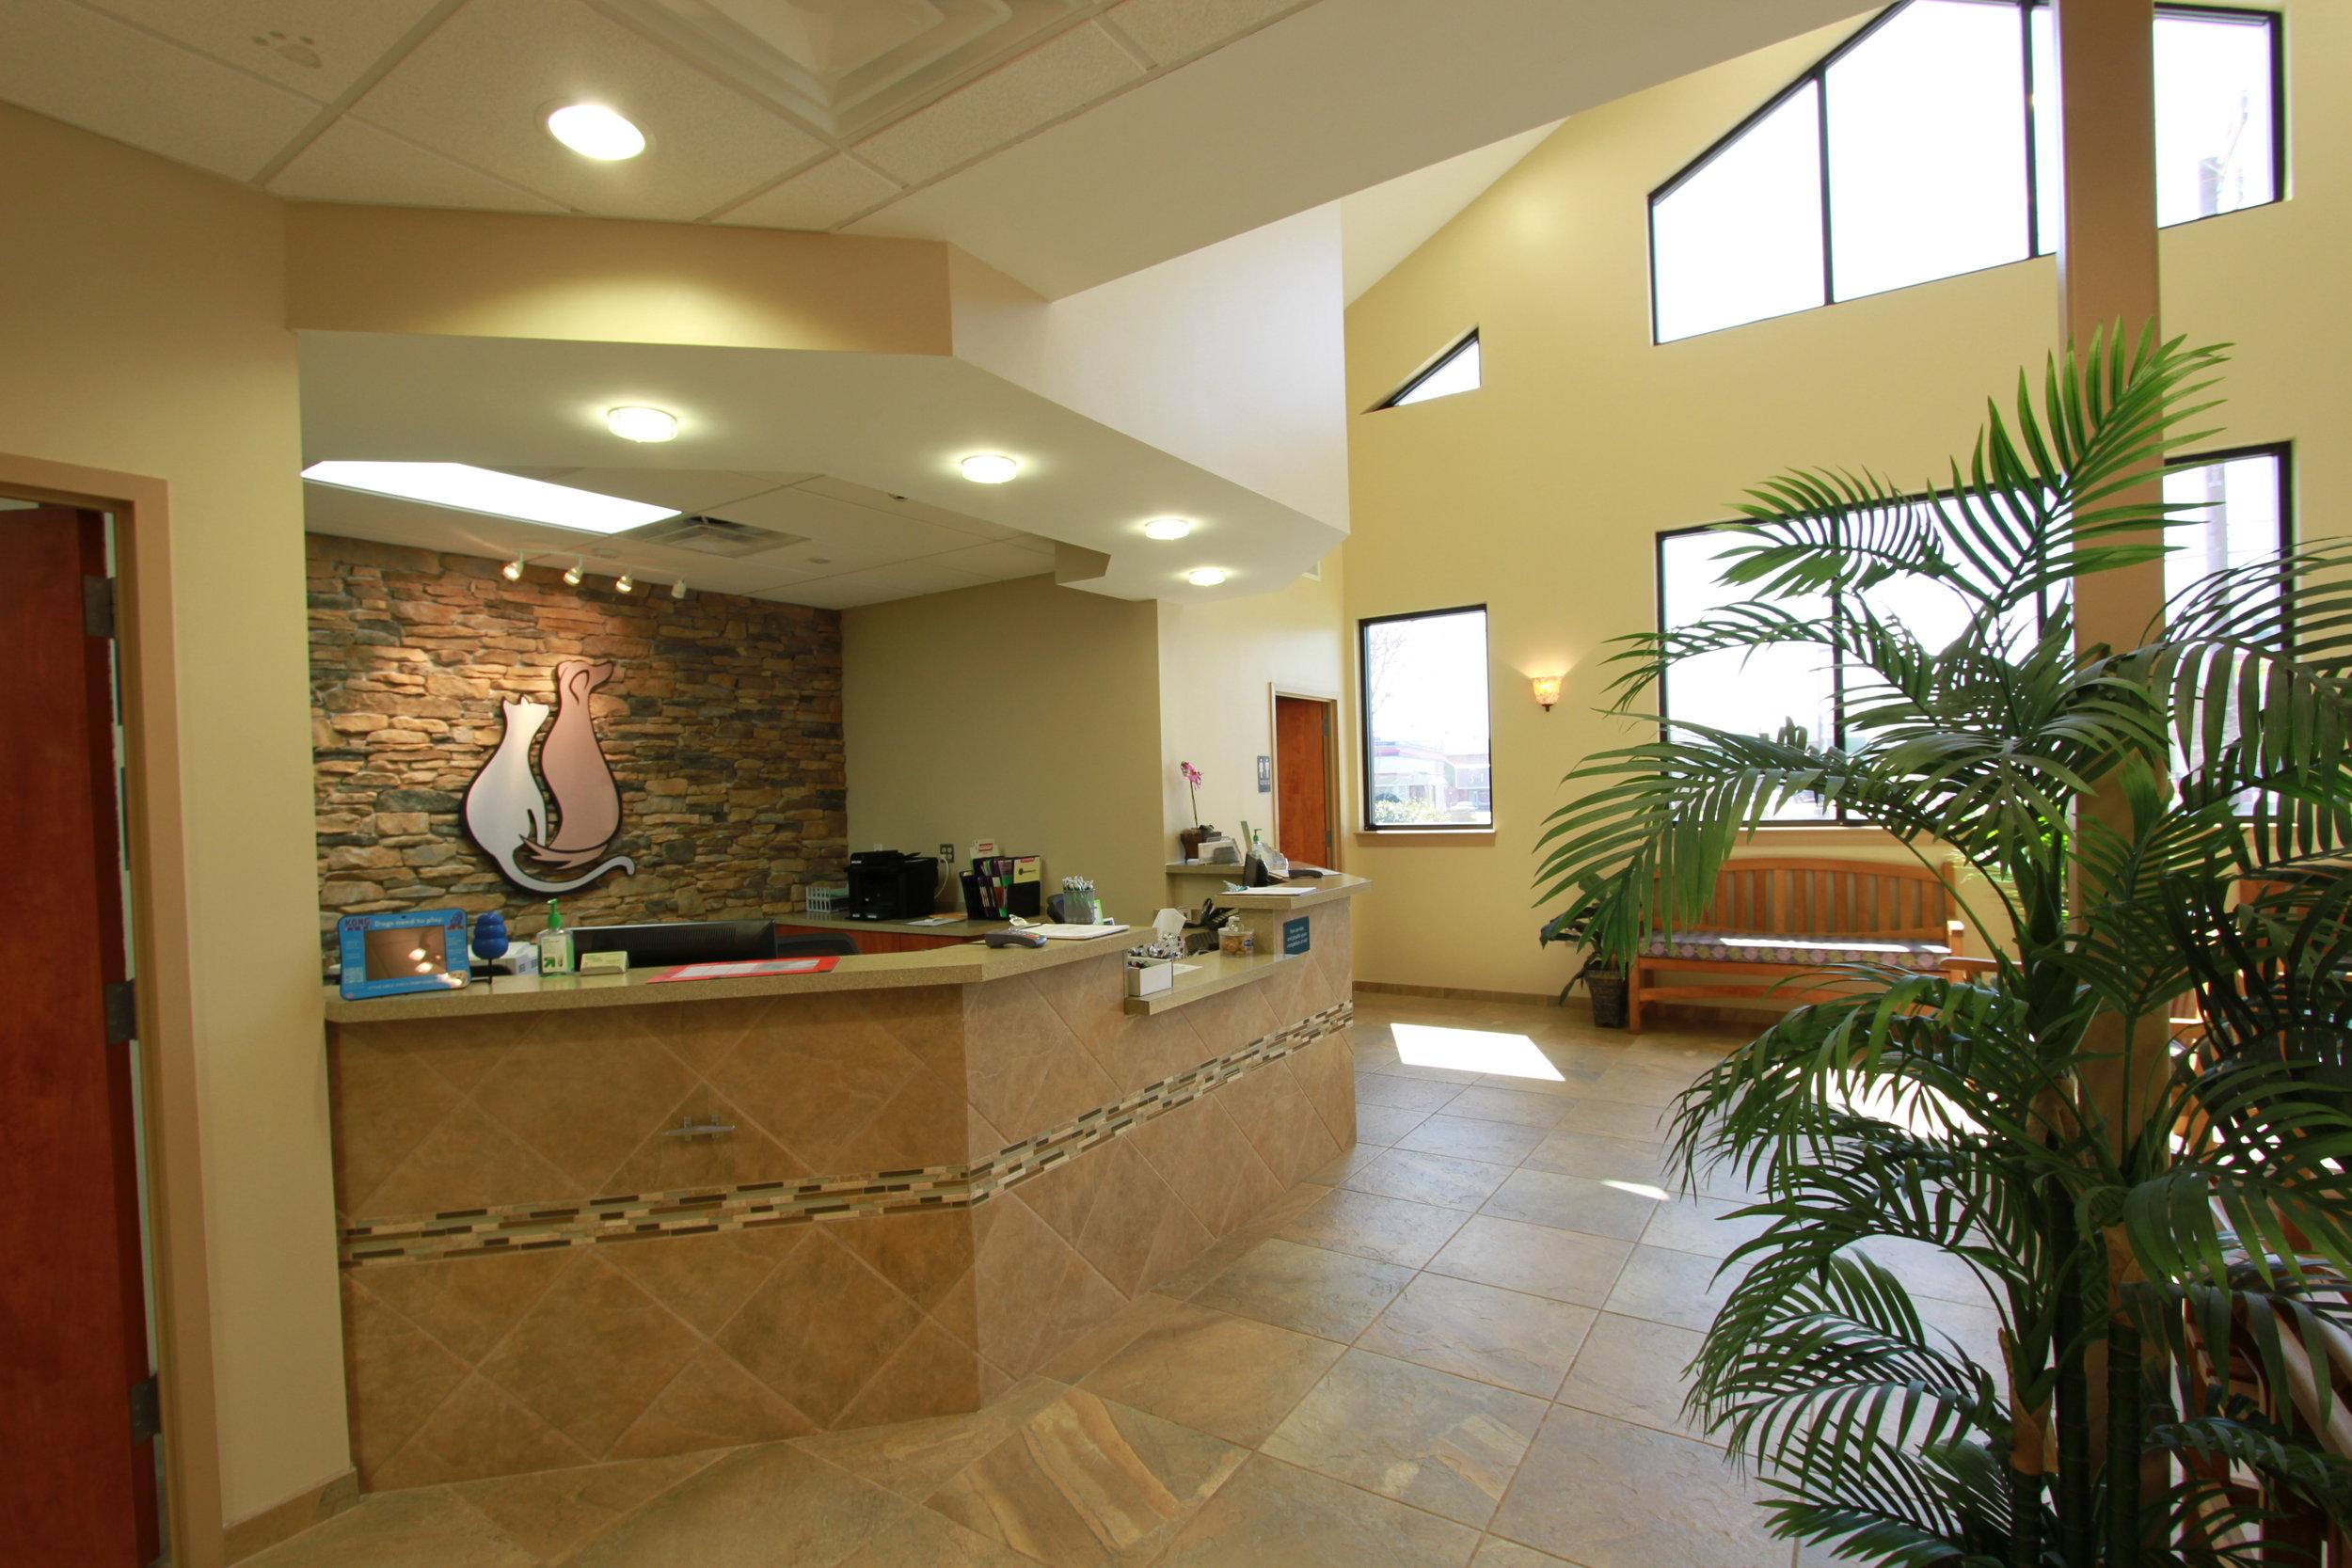 VCA Calvert Veterinary Hospital4.JPG